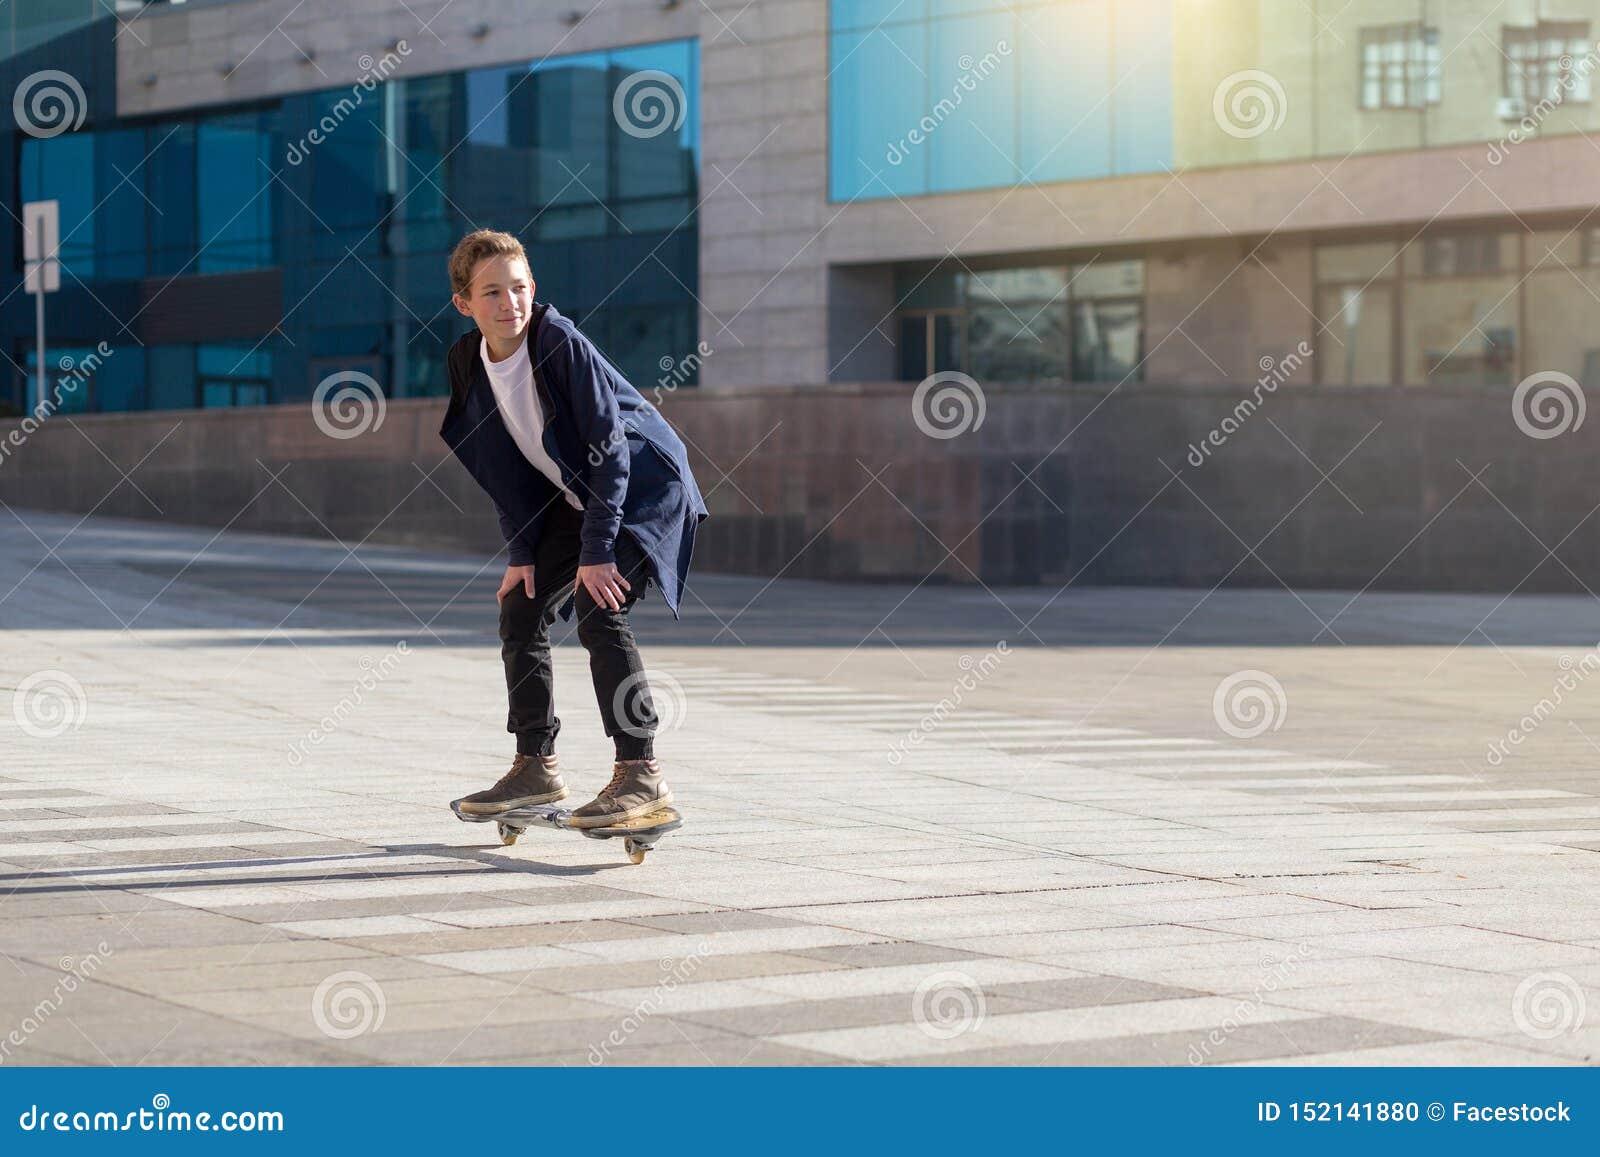 Skater joven en la calle en una mudanza del longboard